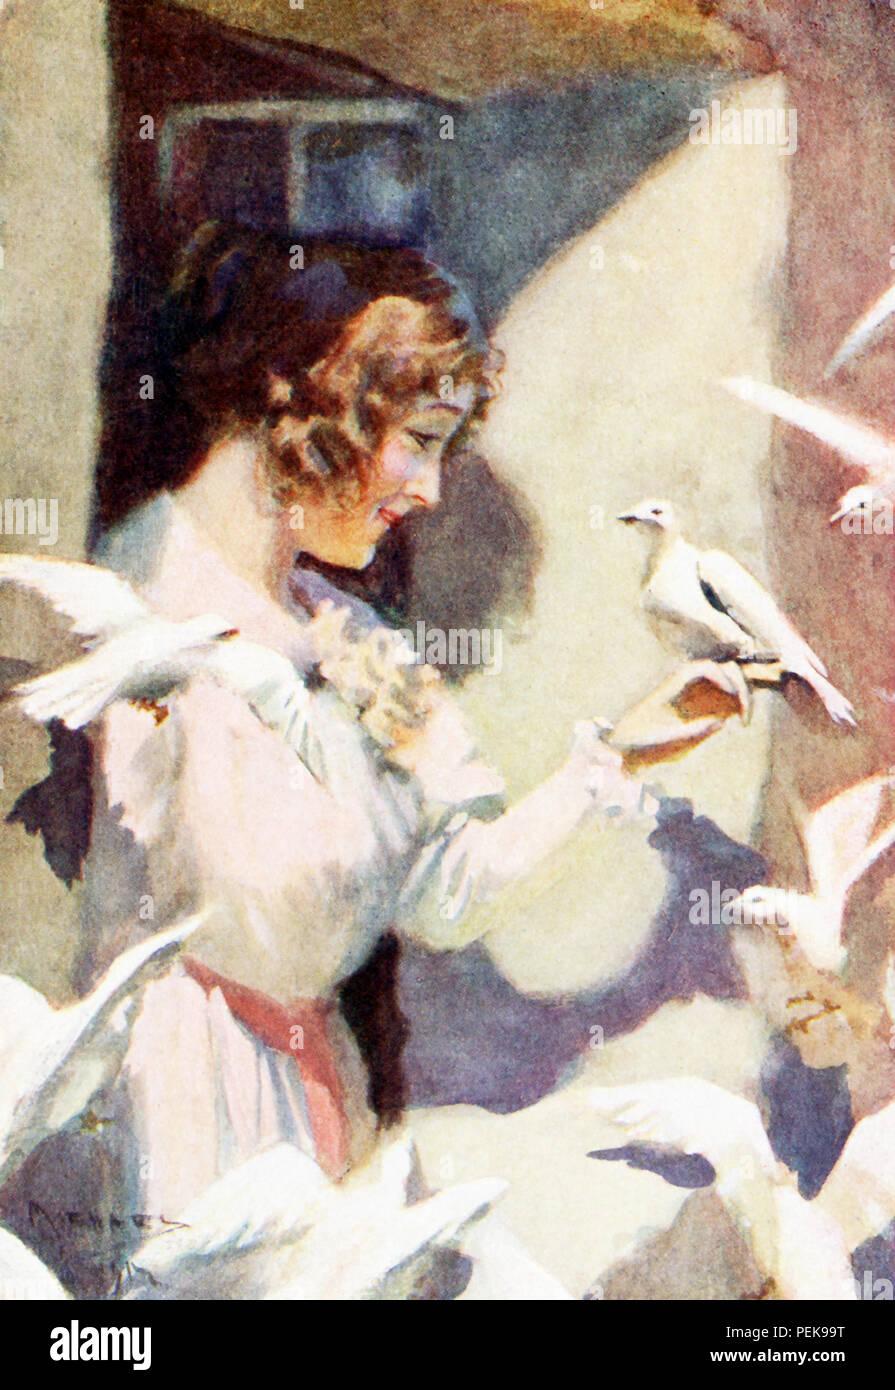 Questa illustrazione risale ai primi anni del Novecento e mostra Hilda con colombe, il racconto di Hilda si trova in Nathaniel Hawthorne è il Fauno in marmo, noto anche come il romanticismo del Monte di Beni. La didascalia recita: essi divennero ben presto familiarità con il sassone fairhaired ragazza come se fosse nato sorella di la loro covata. - Trasformazione. Nathaniel Hawthorne (1804-1864) era un americano romanziere e novelliere. Il suo Wonder-Book e Tanglewood Tales sono figli di classici. Scrisse anche la lettera scarlatta, Blithedale Romance, la casa di sette Gables, il Fauno in marmo. Con la sua superba creazione di buio e tinte di un Immagini Stock